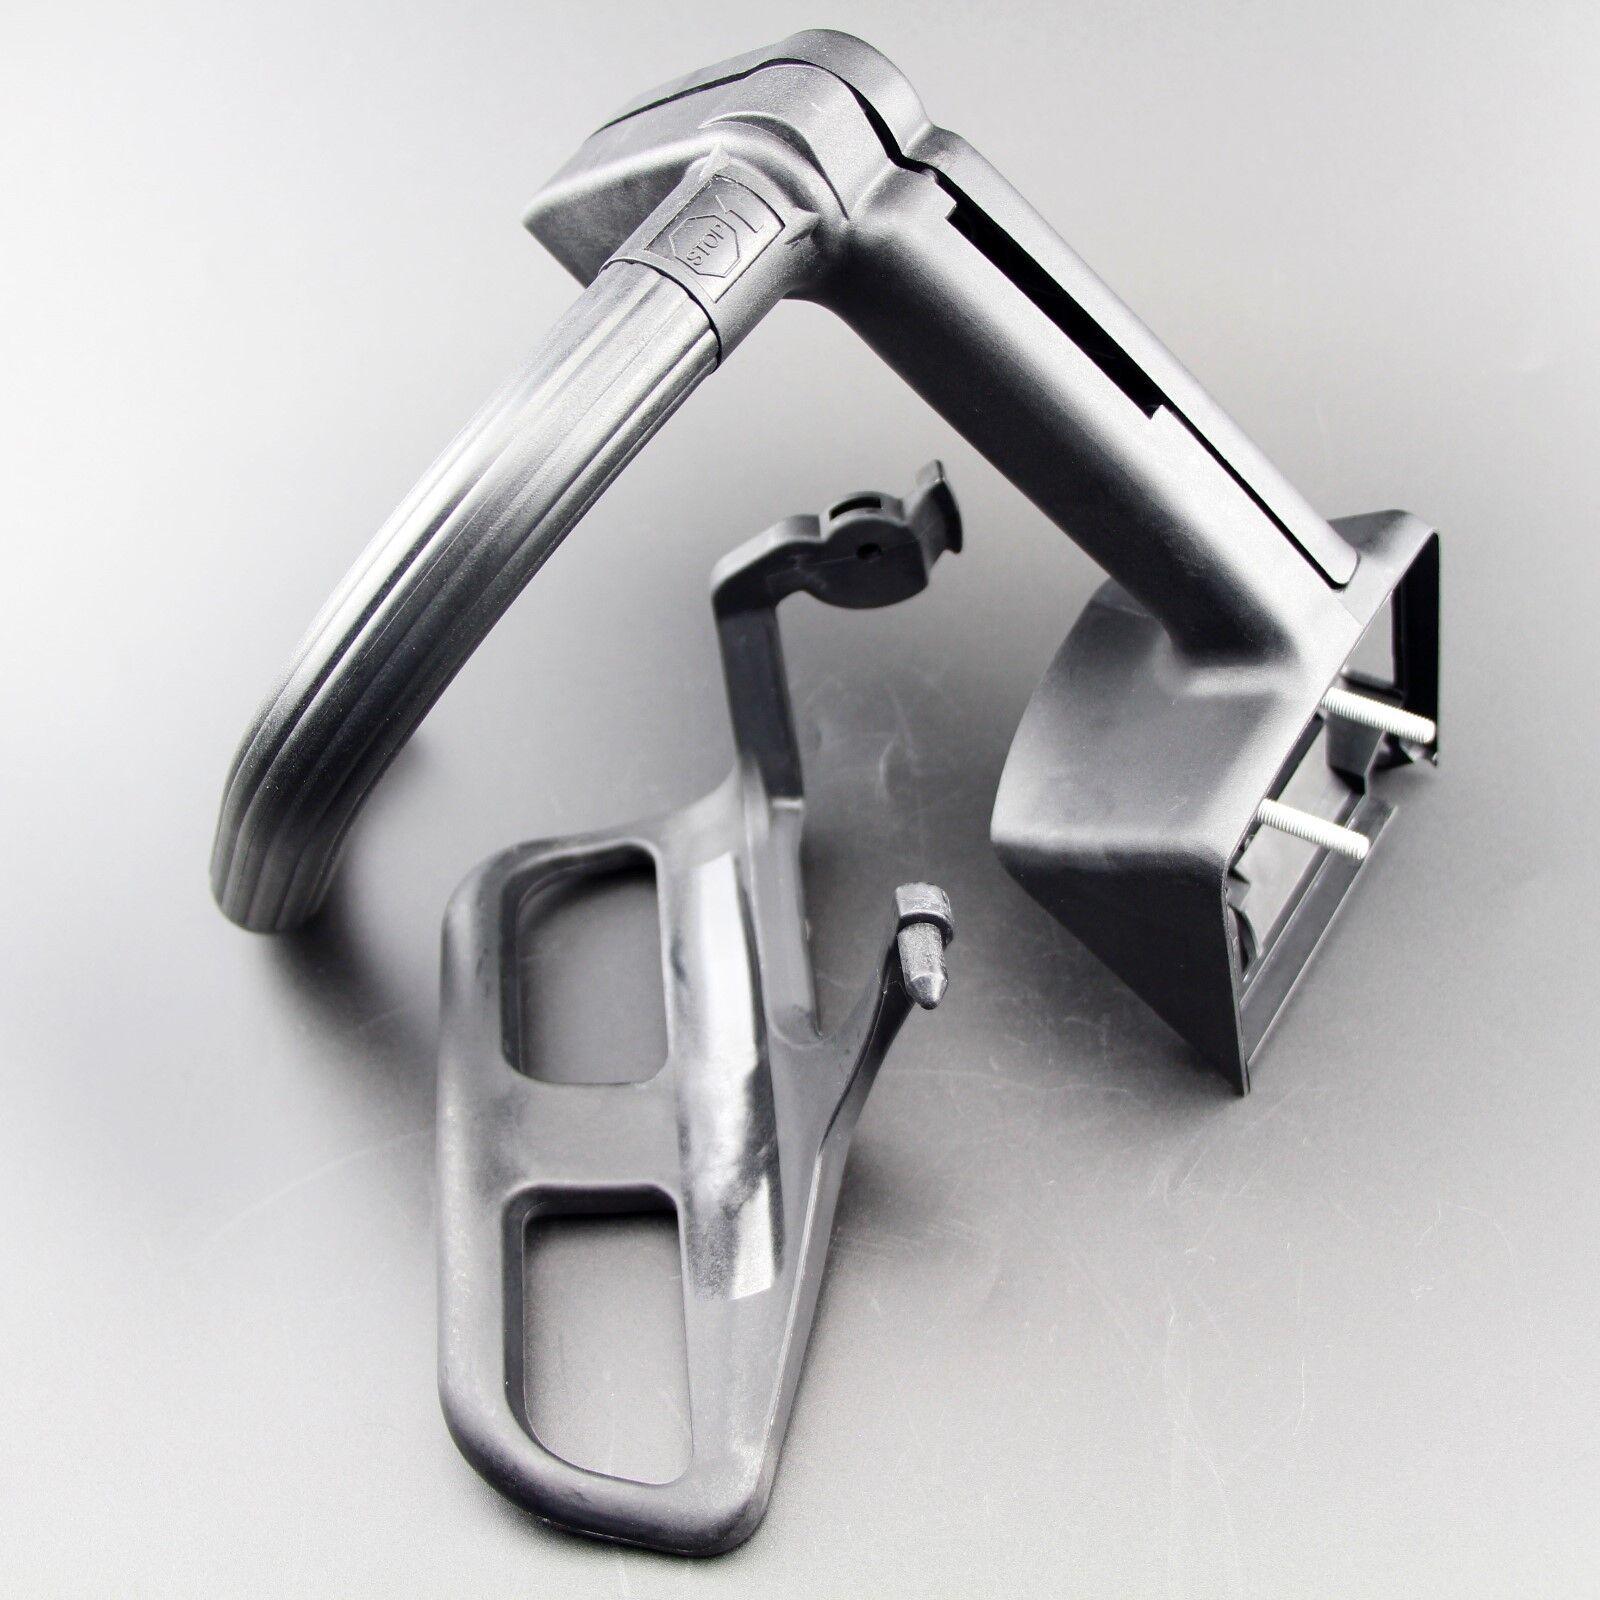 Manija súperior barra de mano de Freno Mango de Projoección de la vivienda para Motosierra Stihl MS200T 020T